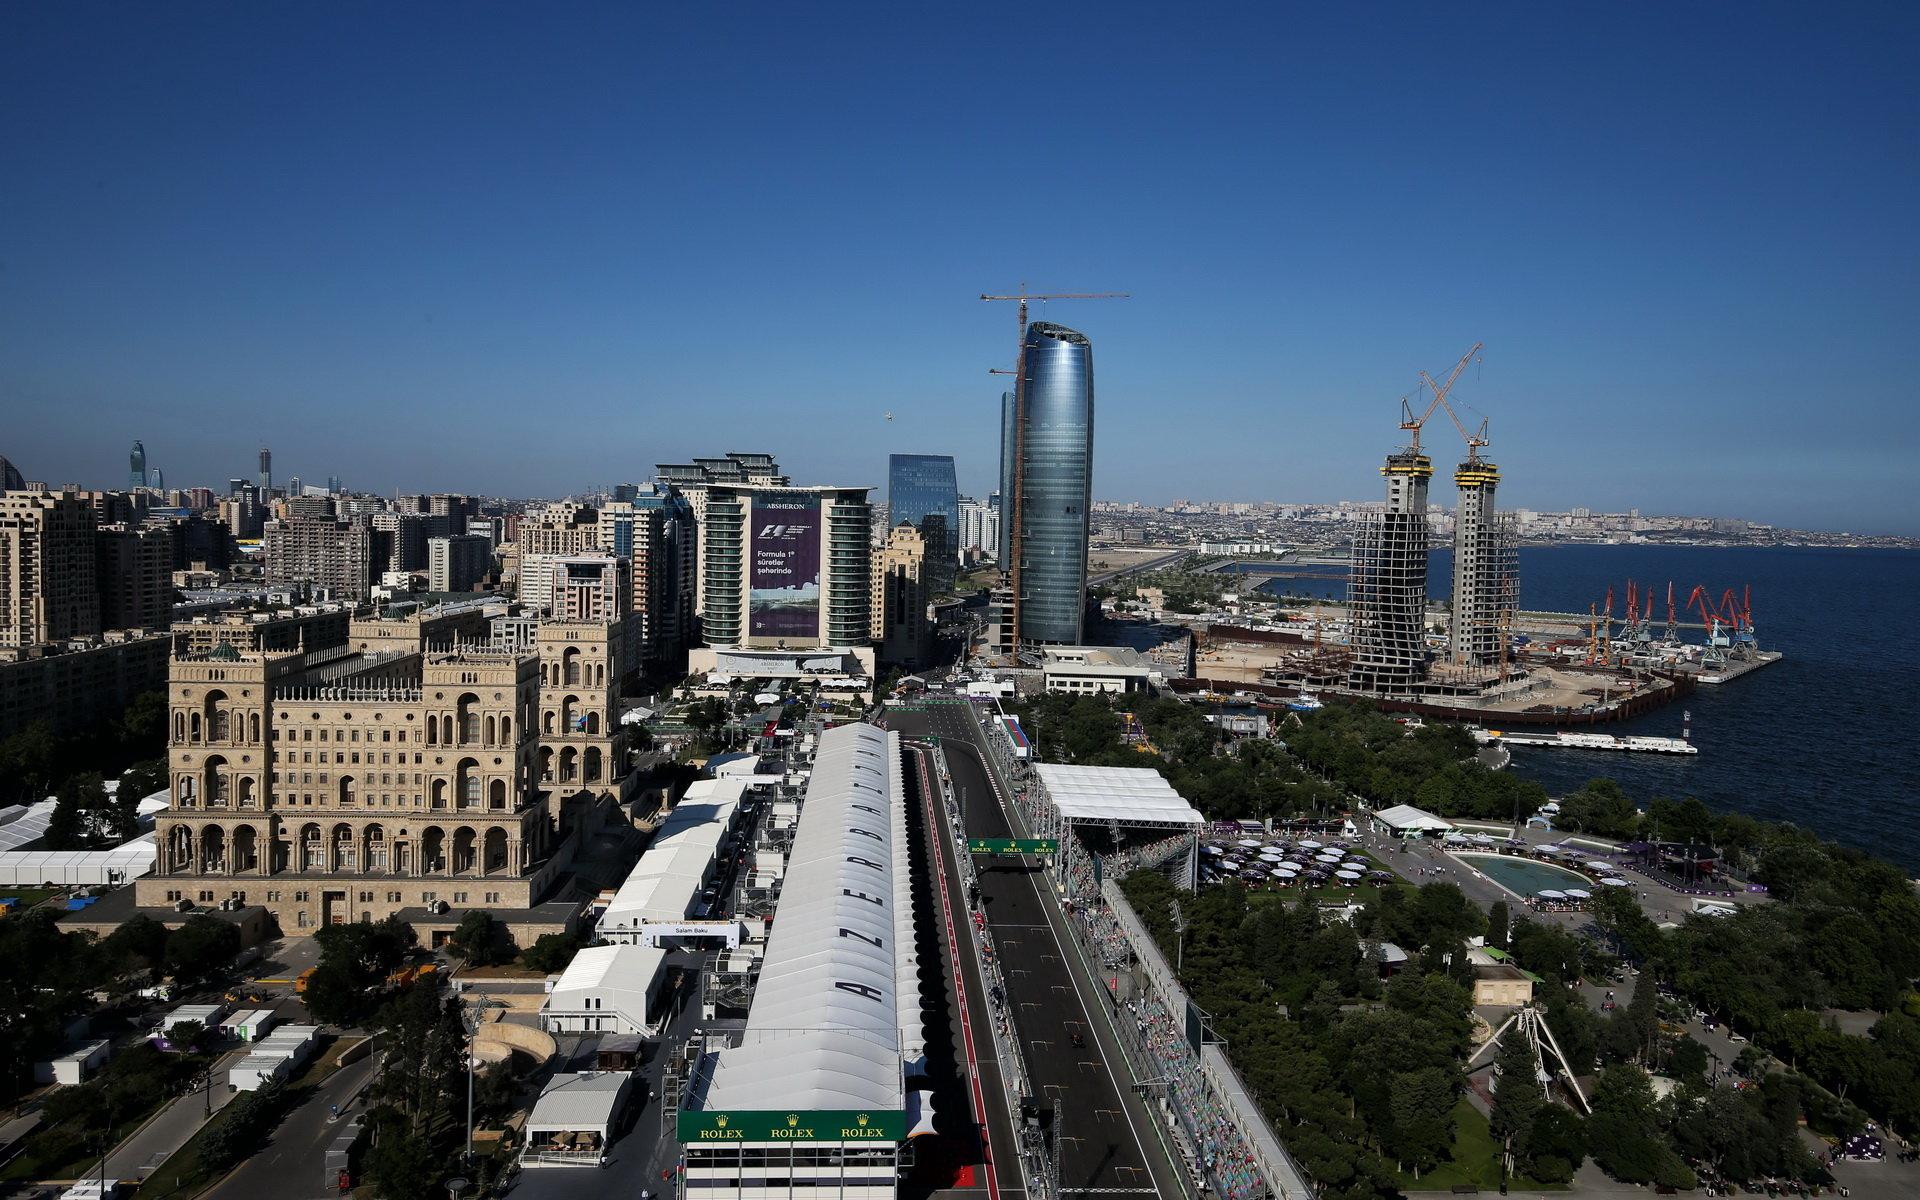 Městský okruh v Baku obsahuje nejdelší rovinku ze všech letošních okruhů - měří 2,2 km